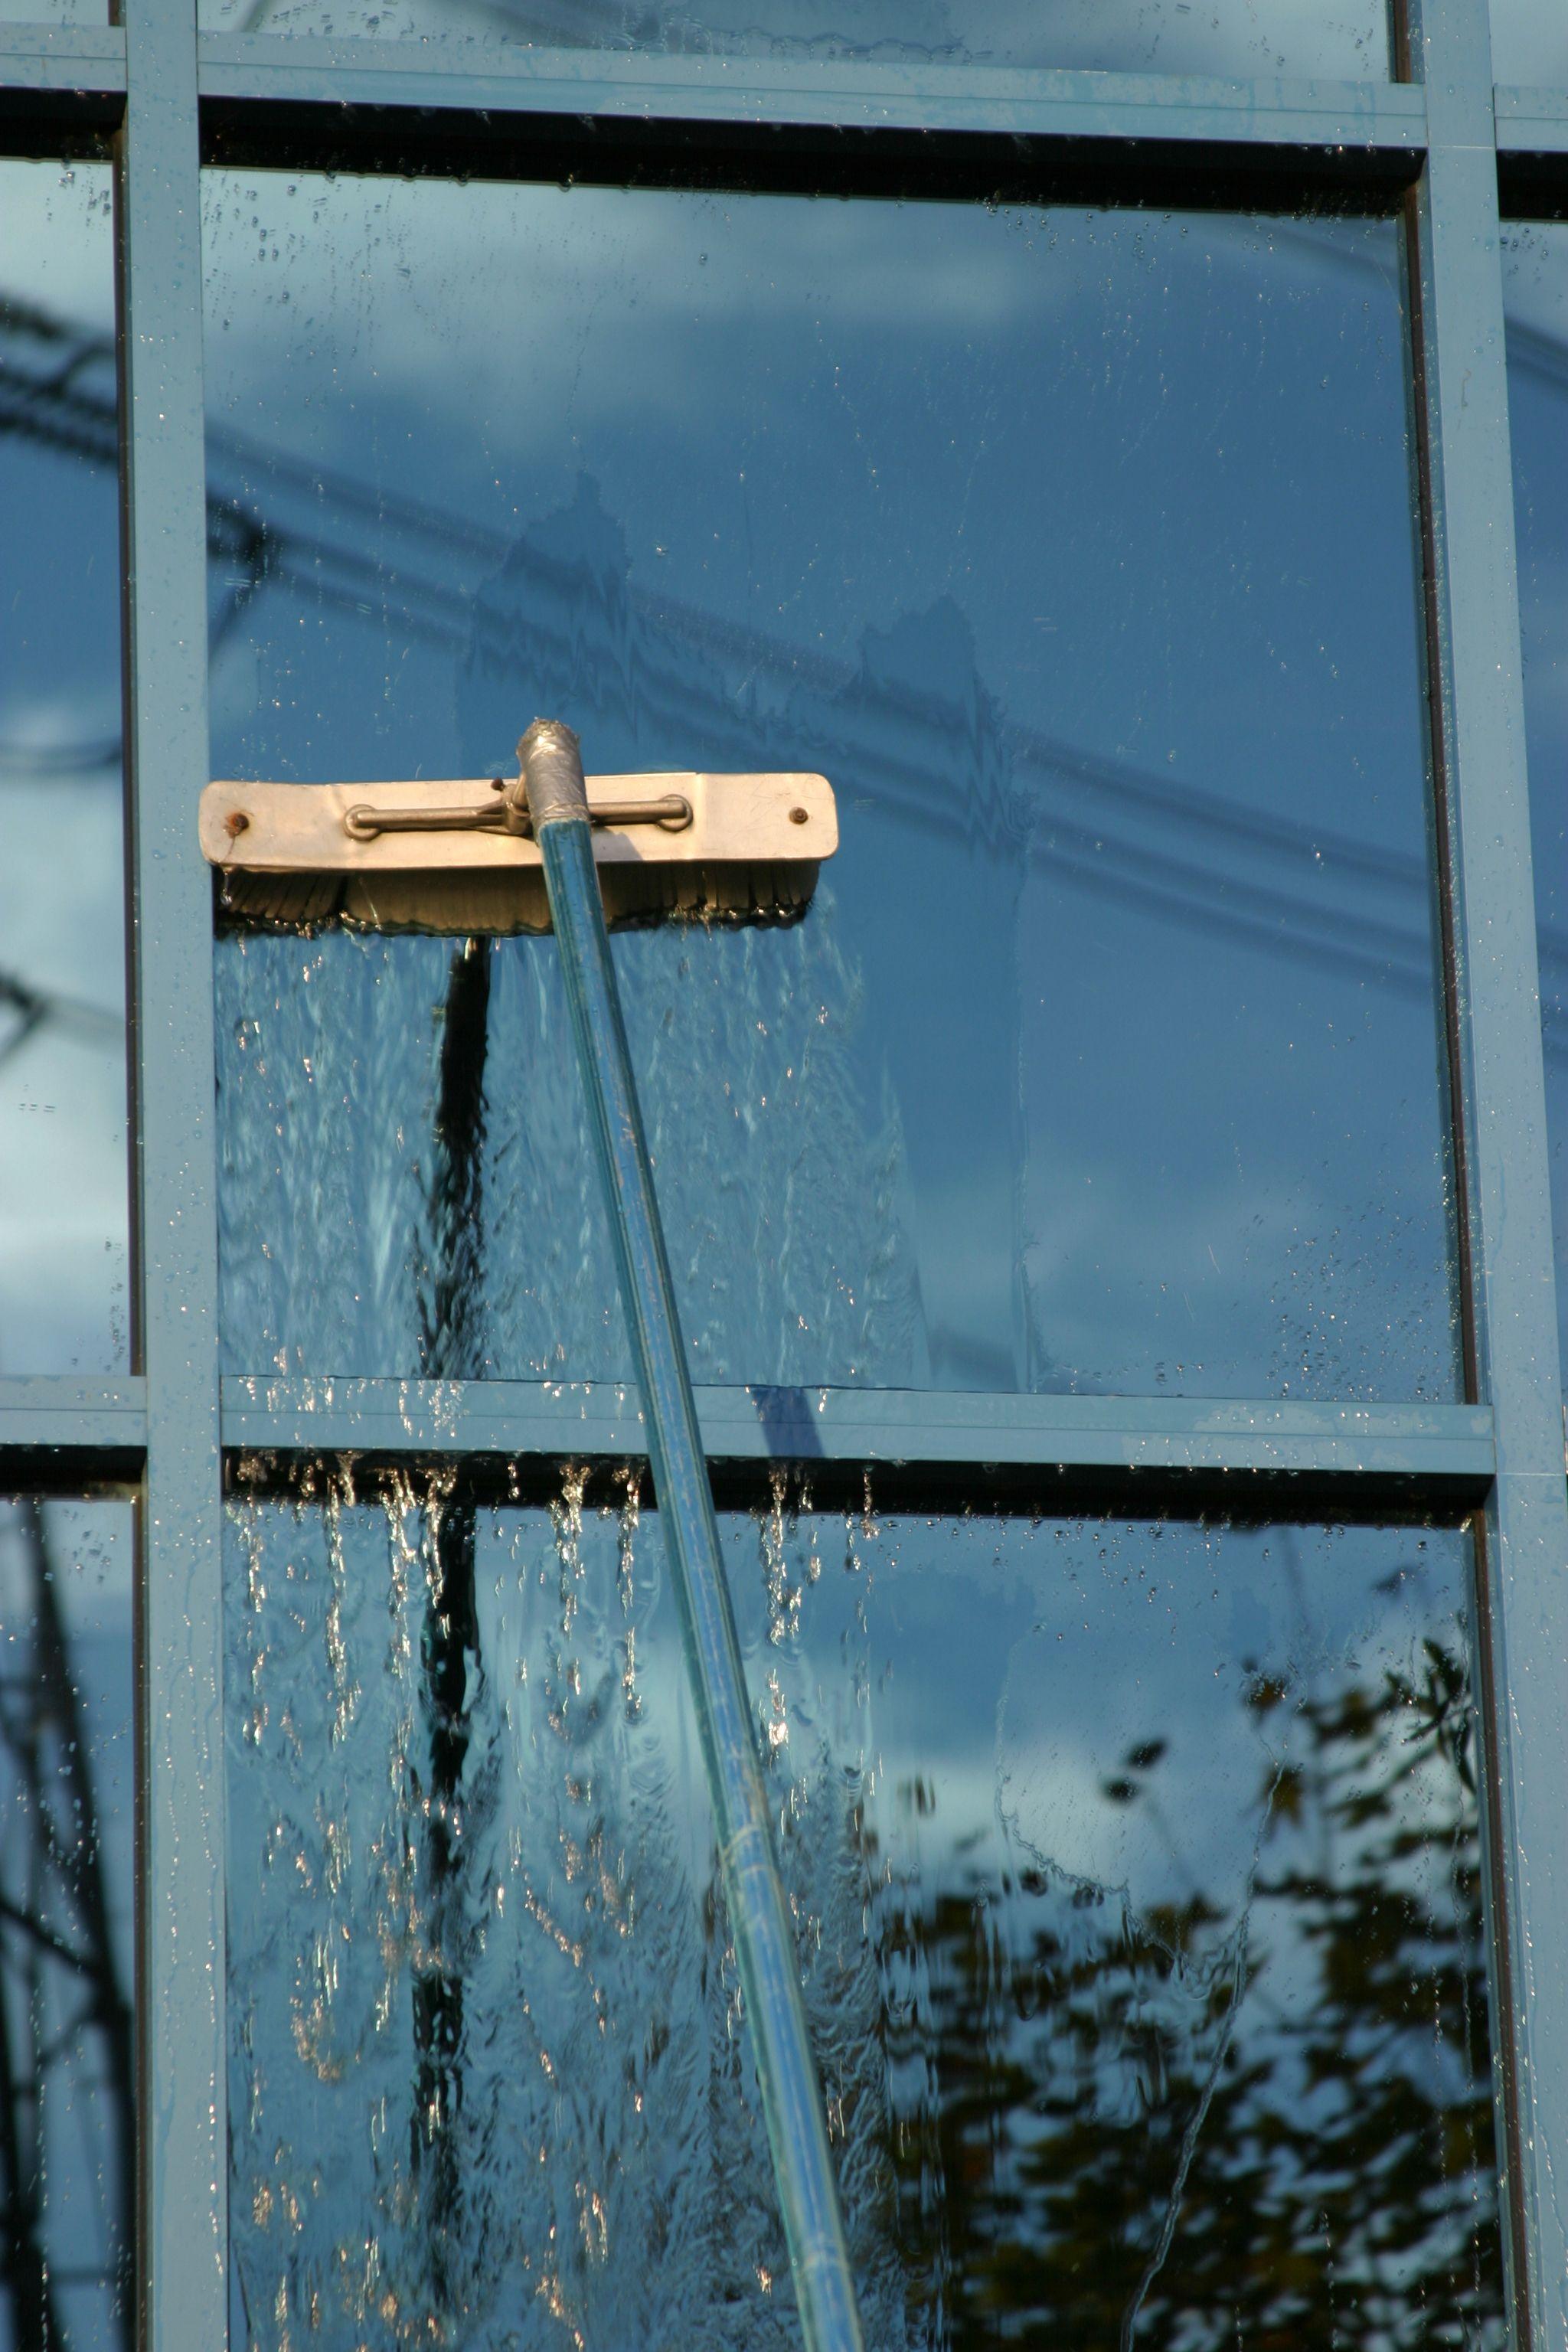 Pin By Peqa Poleskloset On Wawat Best Window Cleaner Window